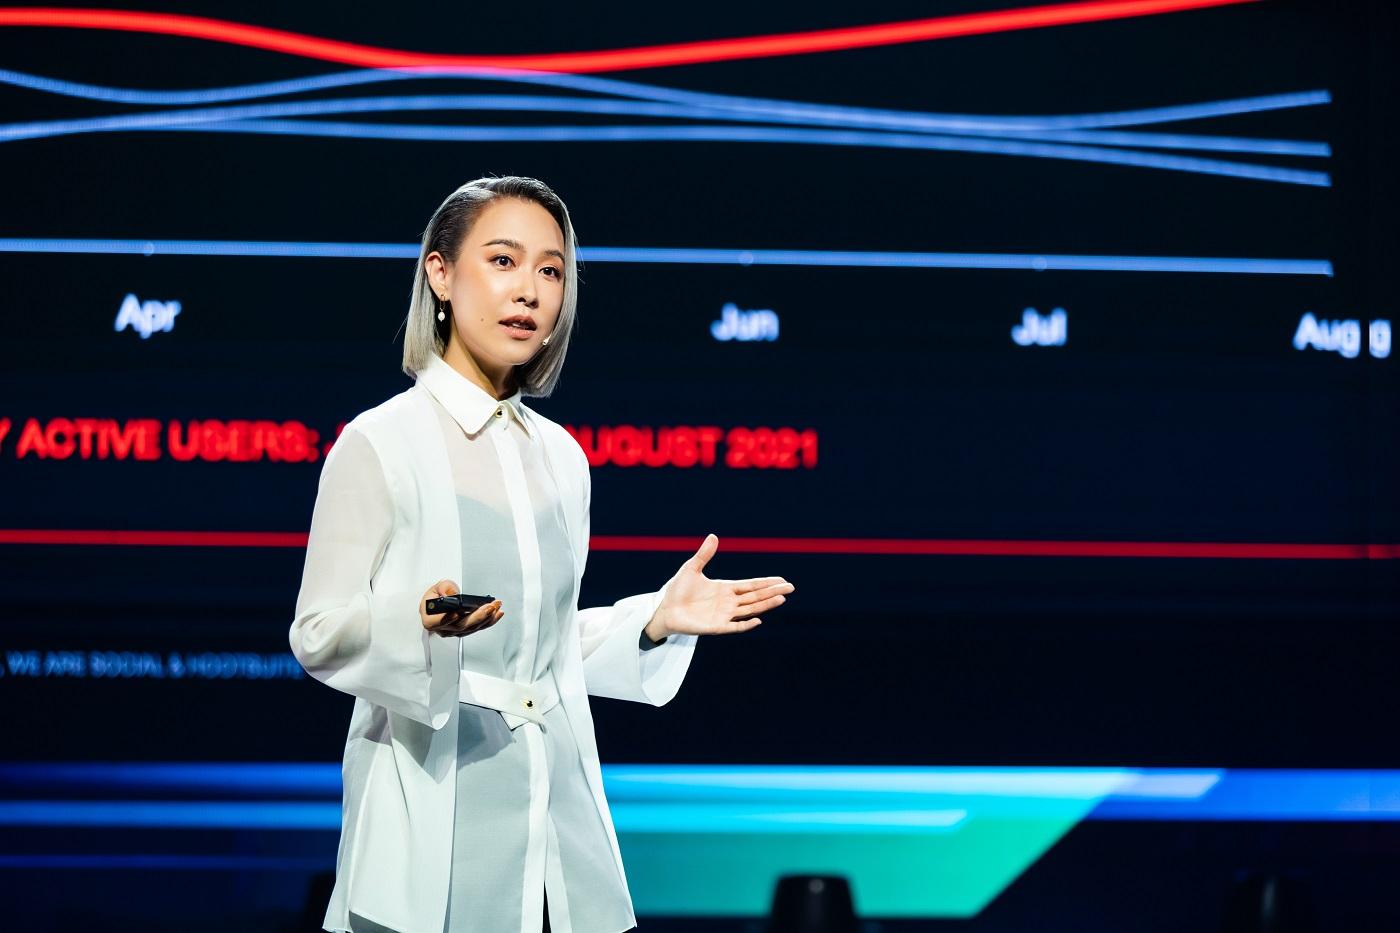 คุณกนกพร ปรัชญาเศรษฐ ประธานเจ้าหน้าที่ฝ่ายการตลาด และการขาย และผู้จัดการ WeTV ประจำประเทศไทย บริษัท เทนเซ็นต์ (ประเทศไทย)